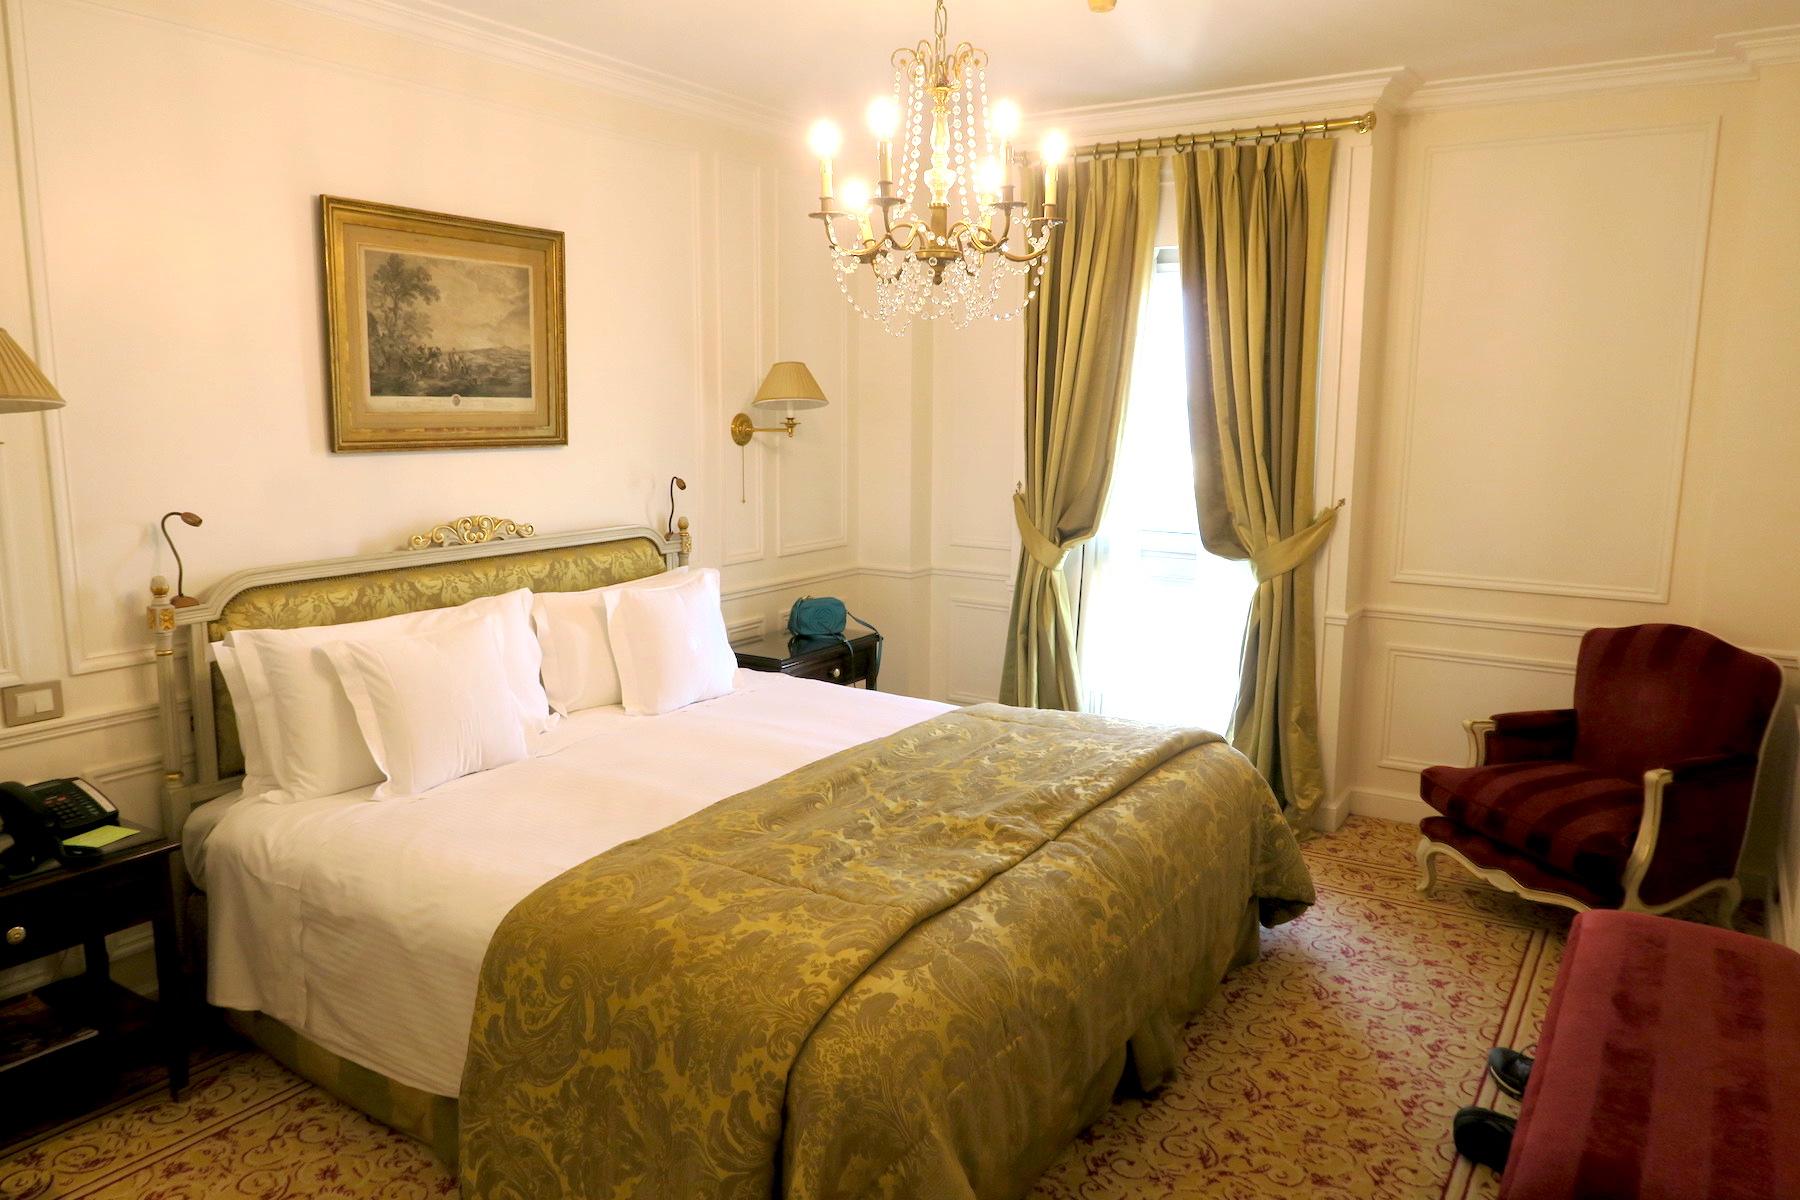 hotel-alvear-buenos-aires-blog-beta-pinheiro-quarto